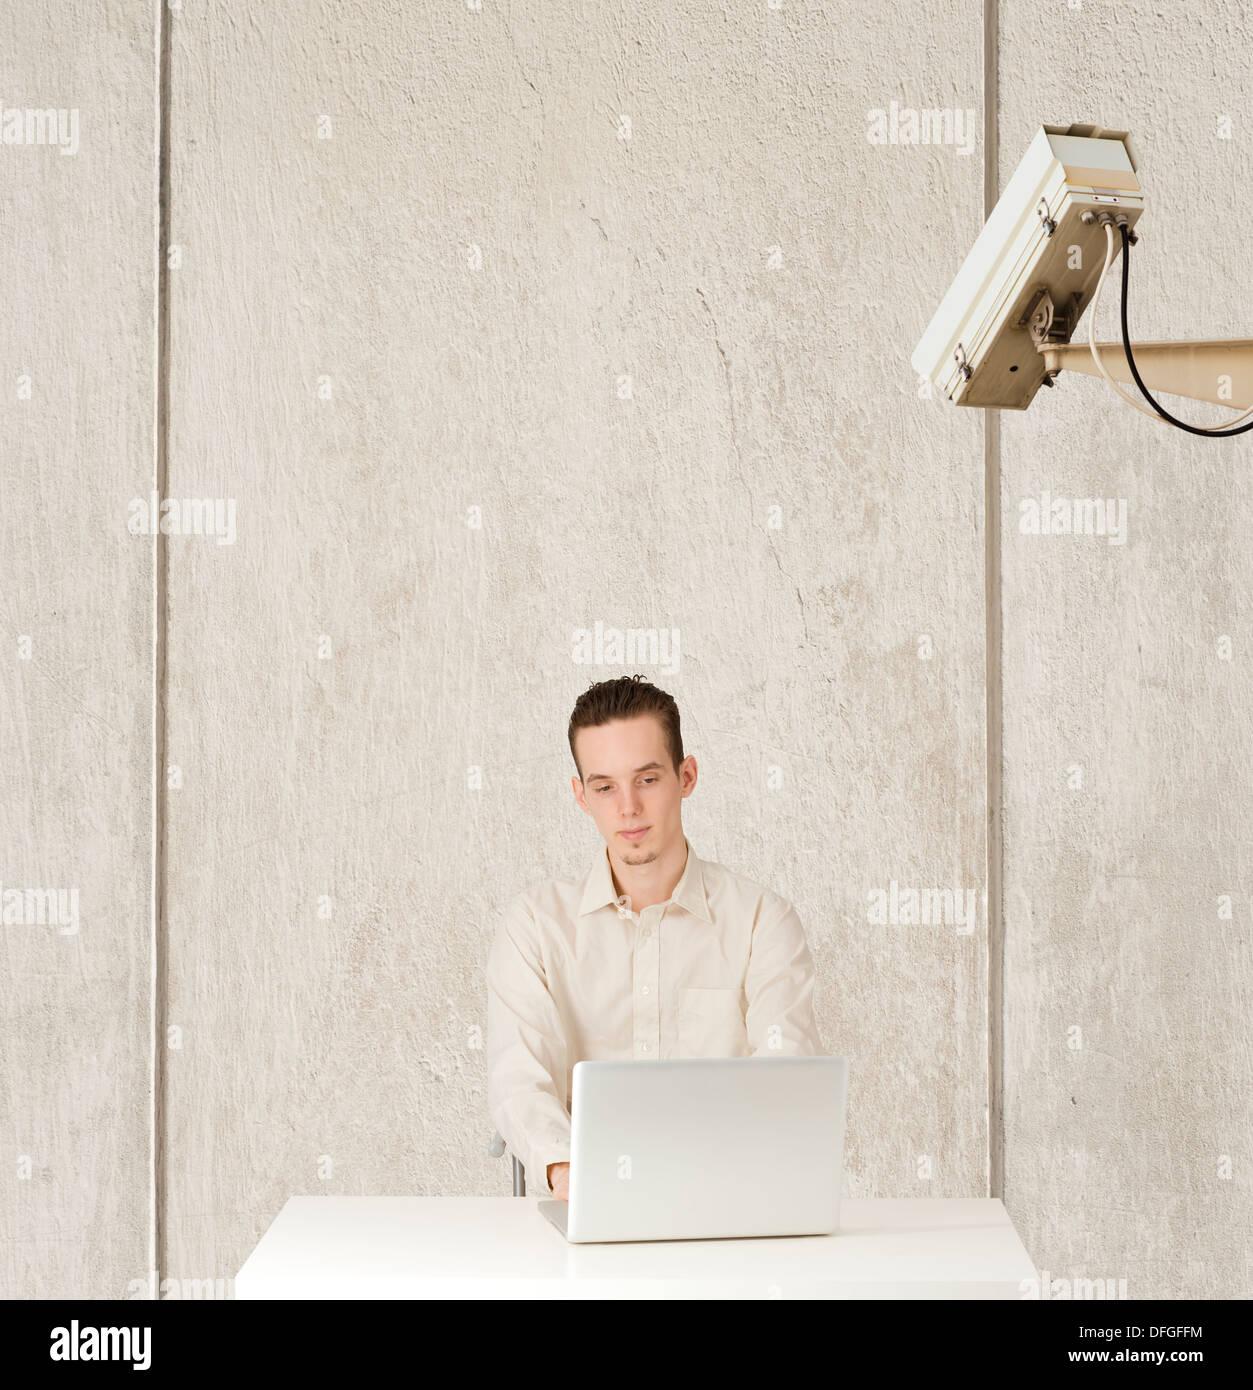 Image conceptuelle d'internet et la protection de la surveillance de l'ordinateur, l'homme sous surveillance Photo Stock